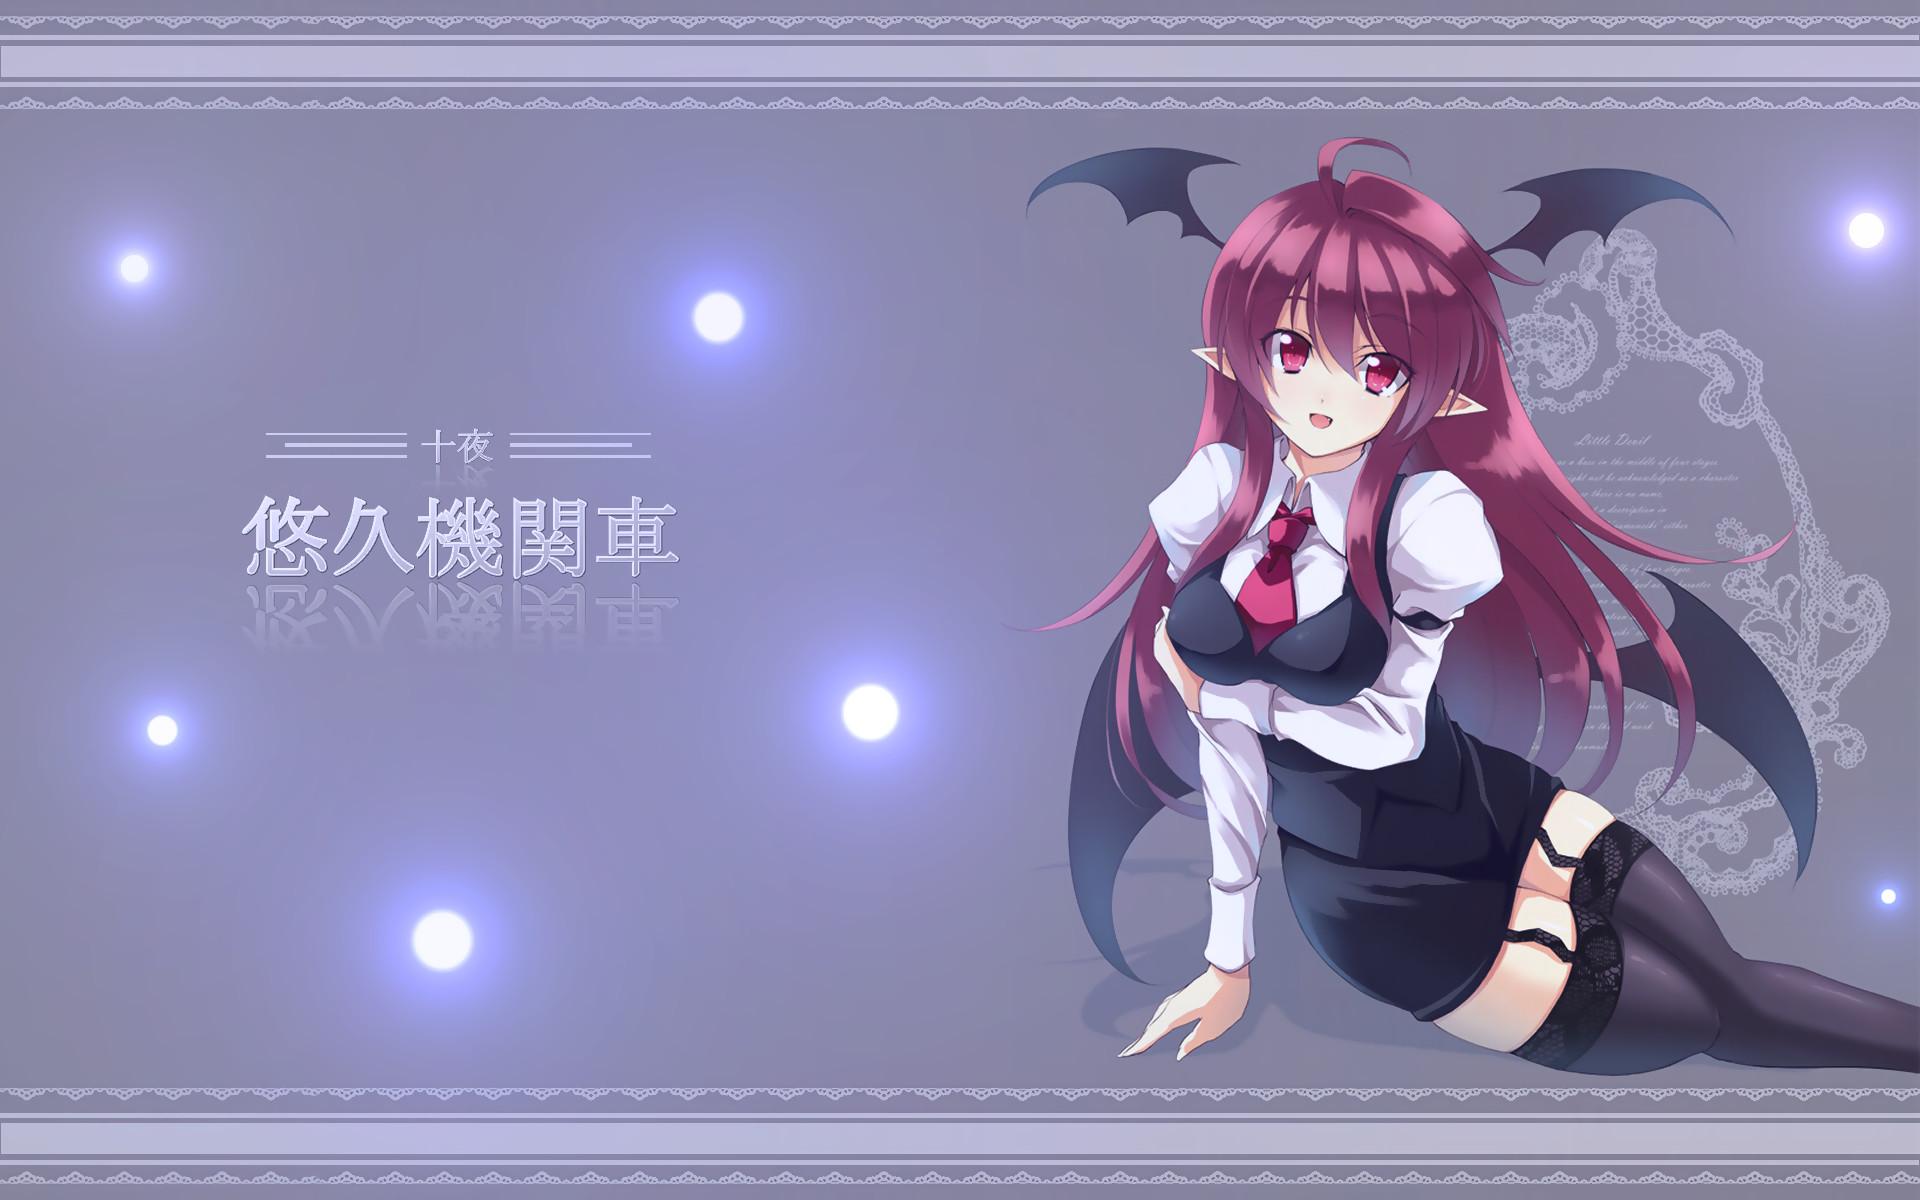 Anime – Touhou Succubus Red Eyes Red Hair Wings Thigh Highs Koakuma  (Touhou) Wallpaper